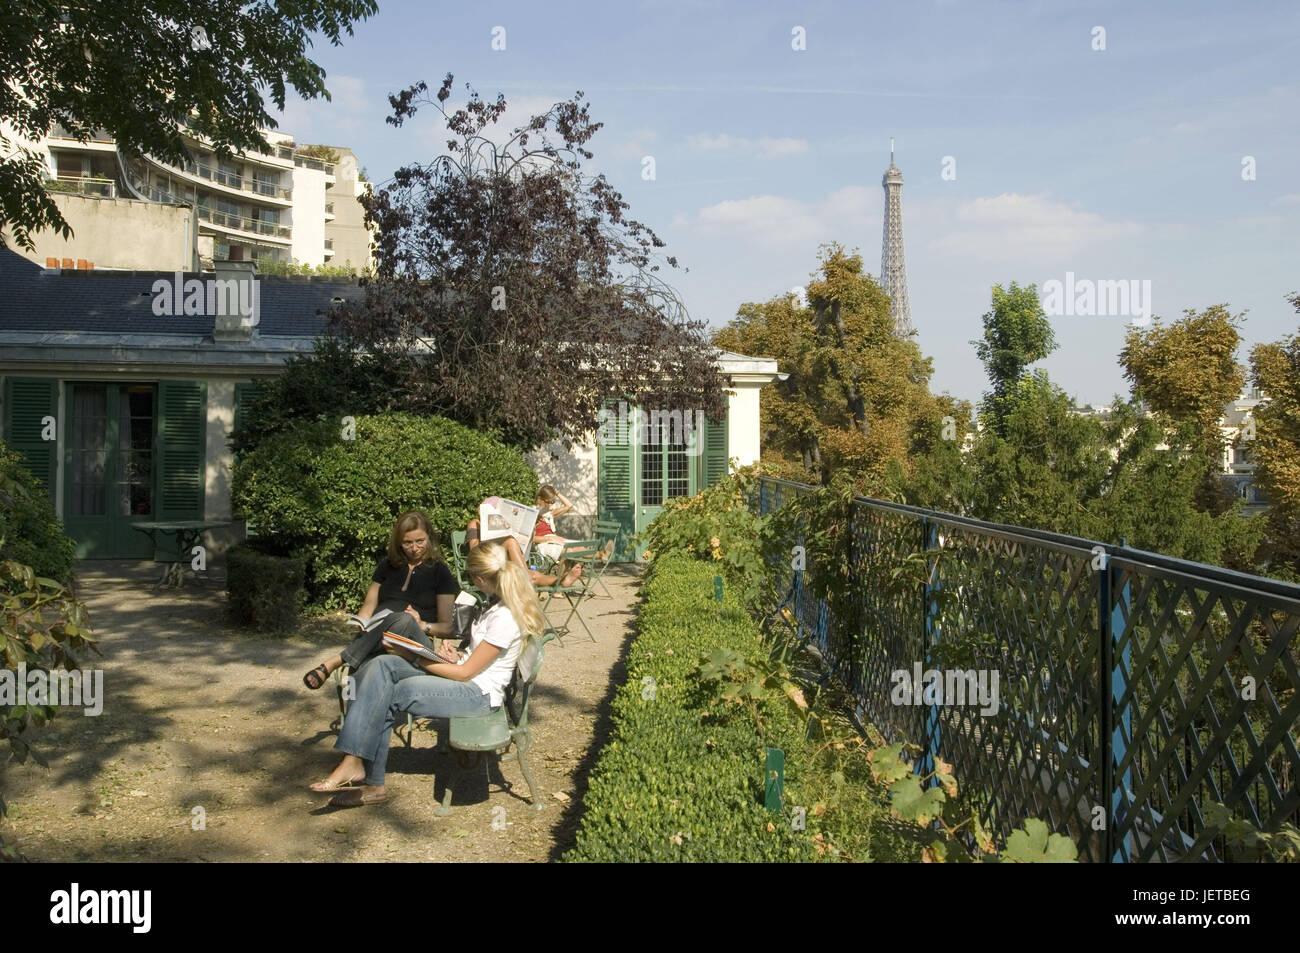 Frankreich, Paris, Haus Balzac, Terrasse, Tourist, Hintergrund, Eiffelturm,  Kein Model Release